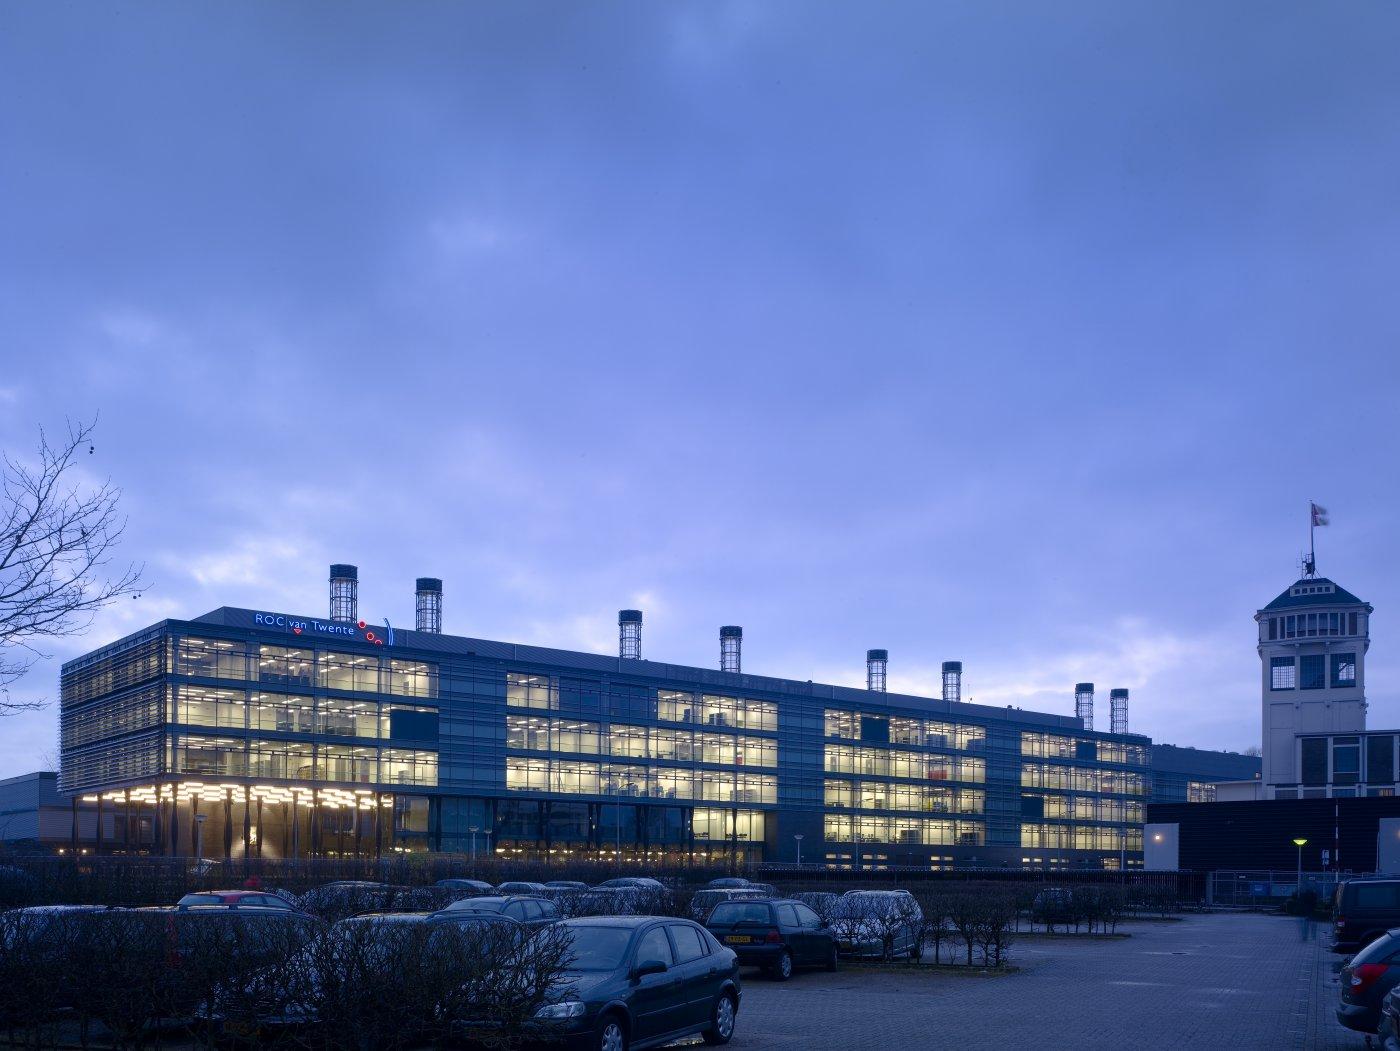 totale gebouw